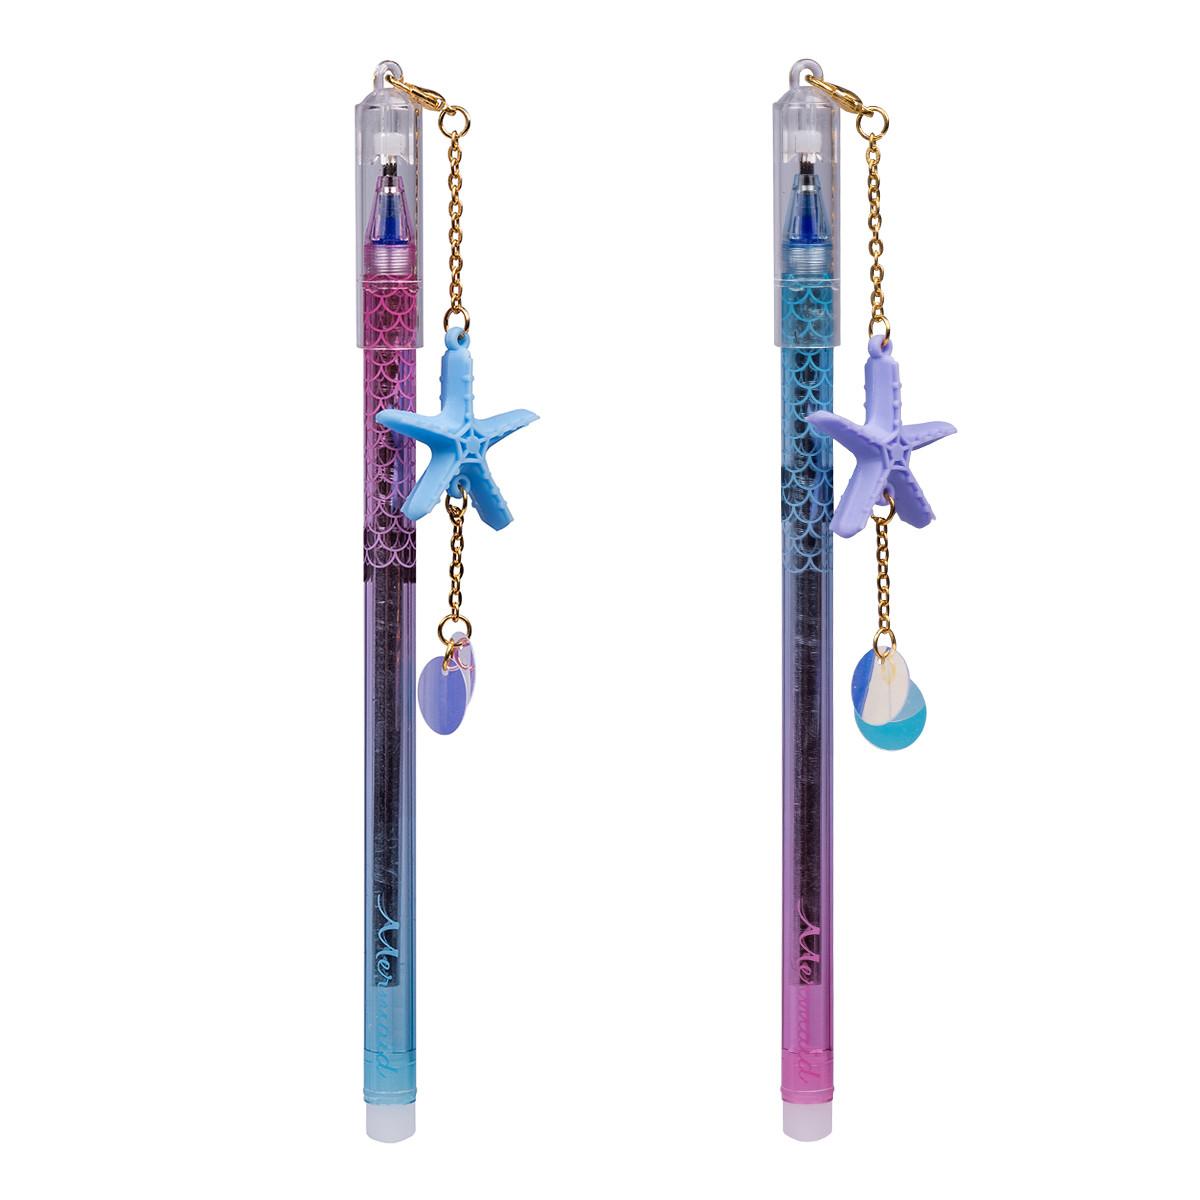 Ручка гелевая YES  пиши-стирай «Mermaid Magic»  0,5 мм, синяя